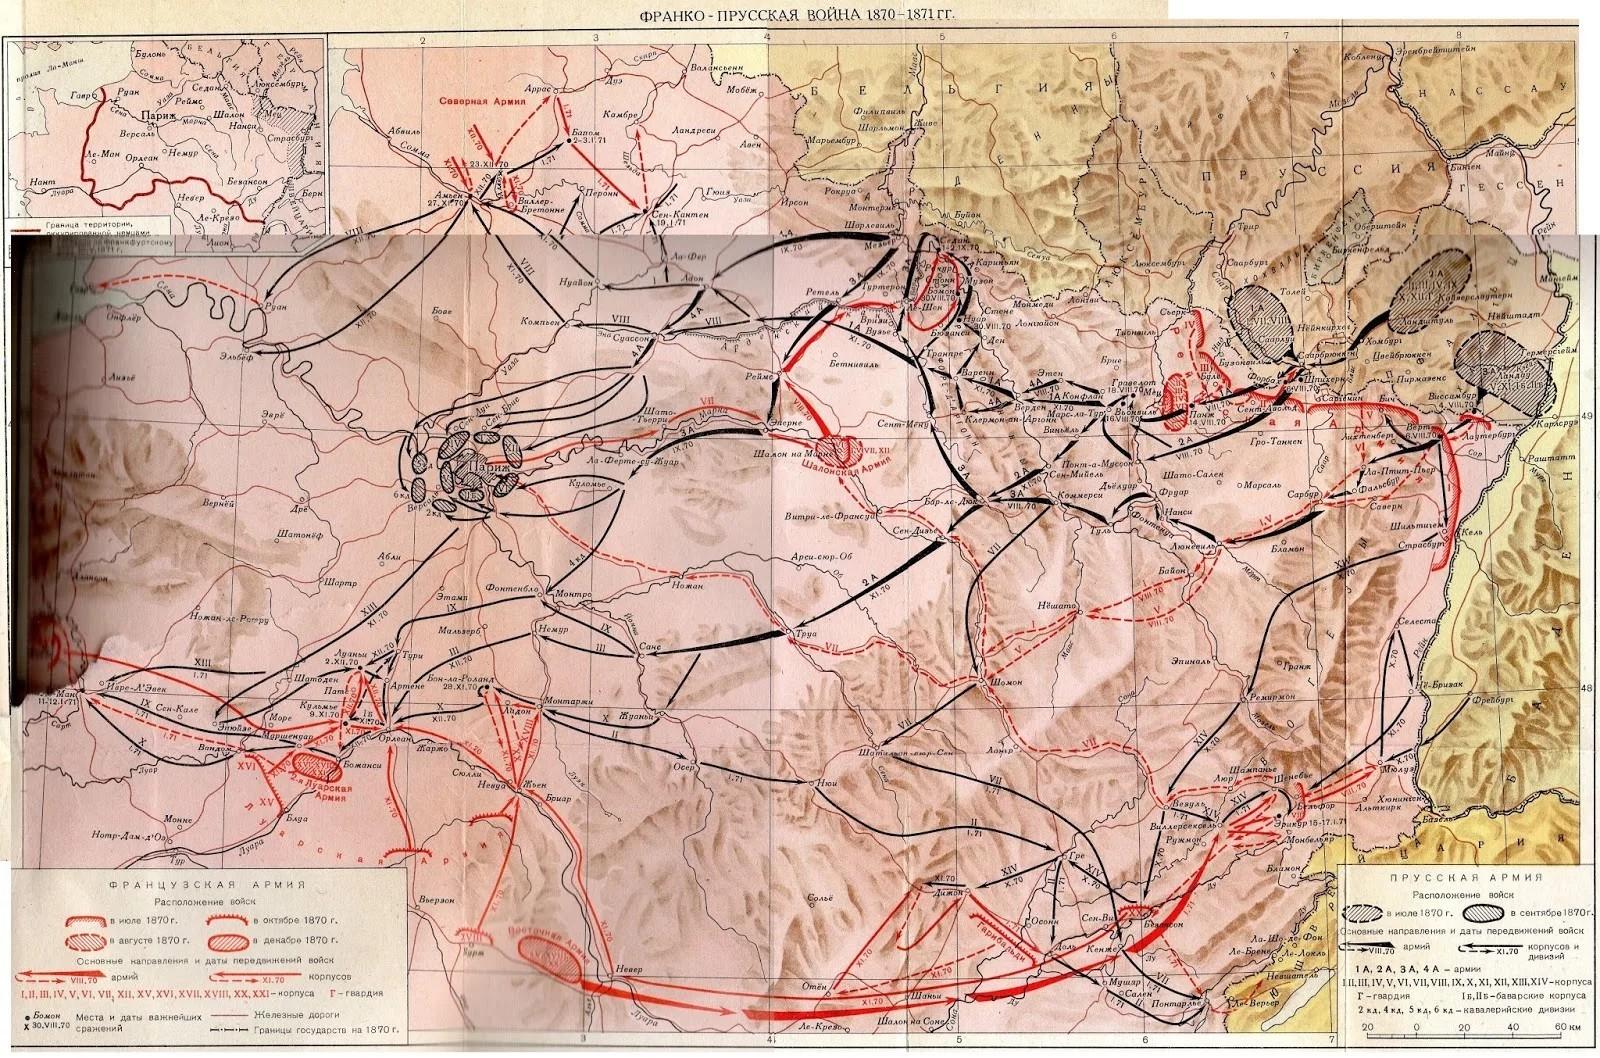 Г. Мольтке. История германо-французской войны 1870-1871 гг